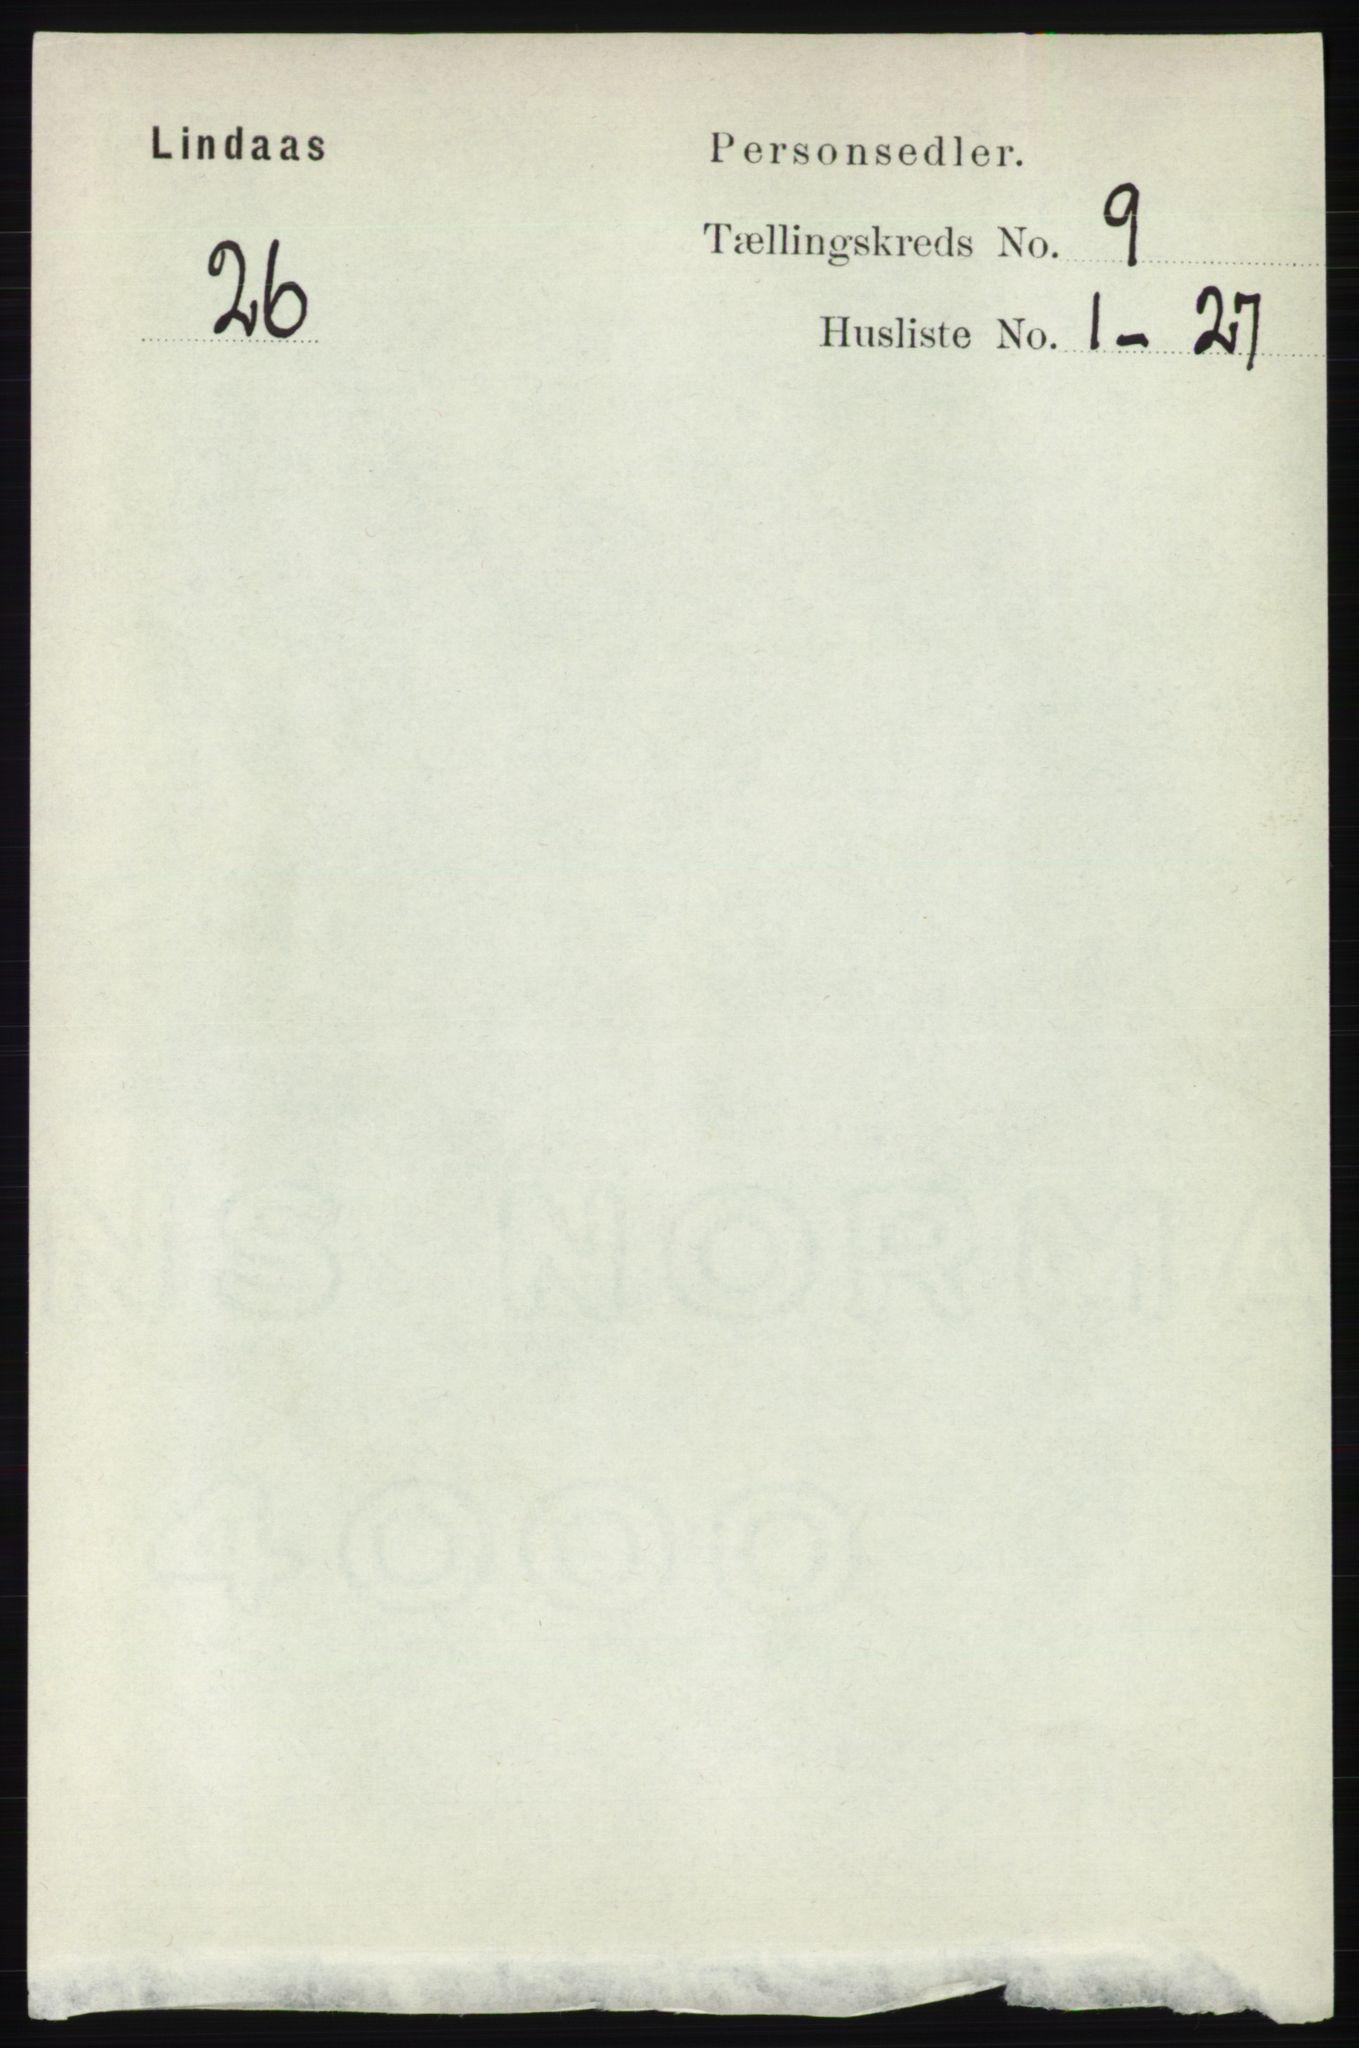 RA, Folketelling 1891 for 1263 Lindås herred, 1891, s. 2958